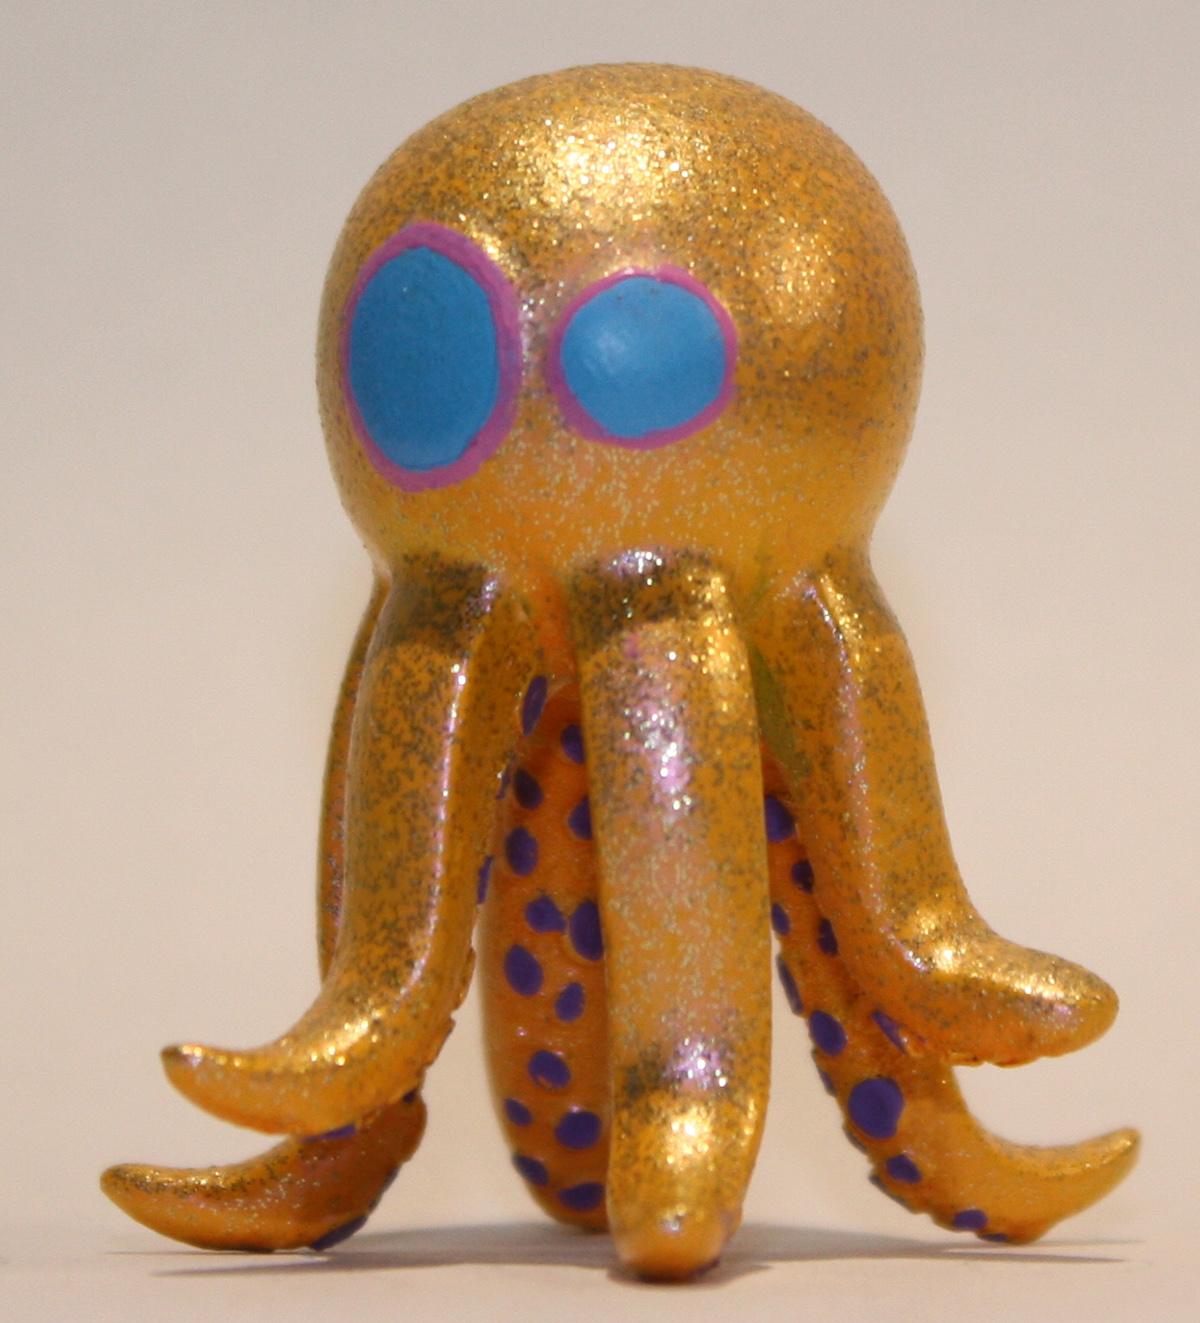 Octopus online shop